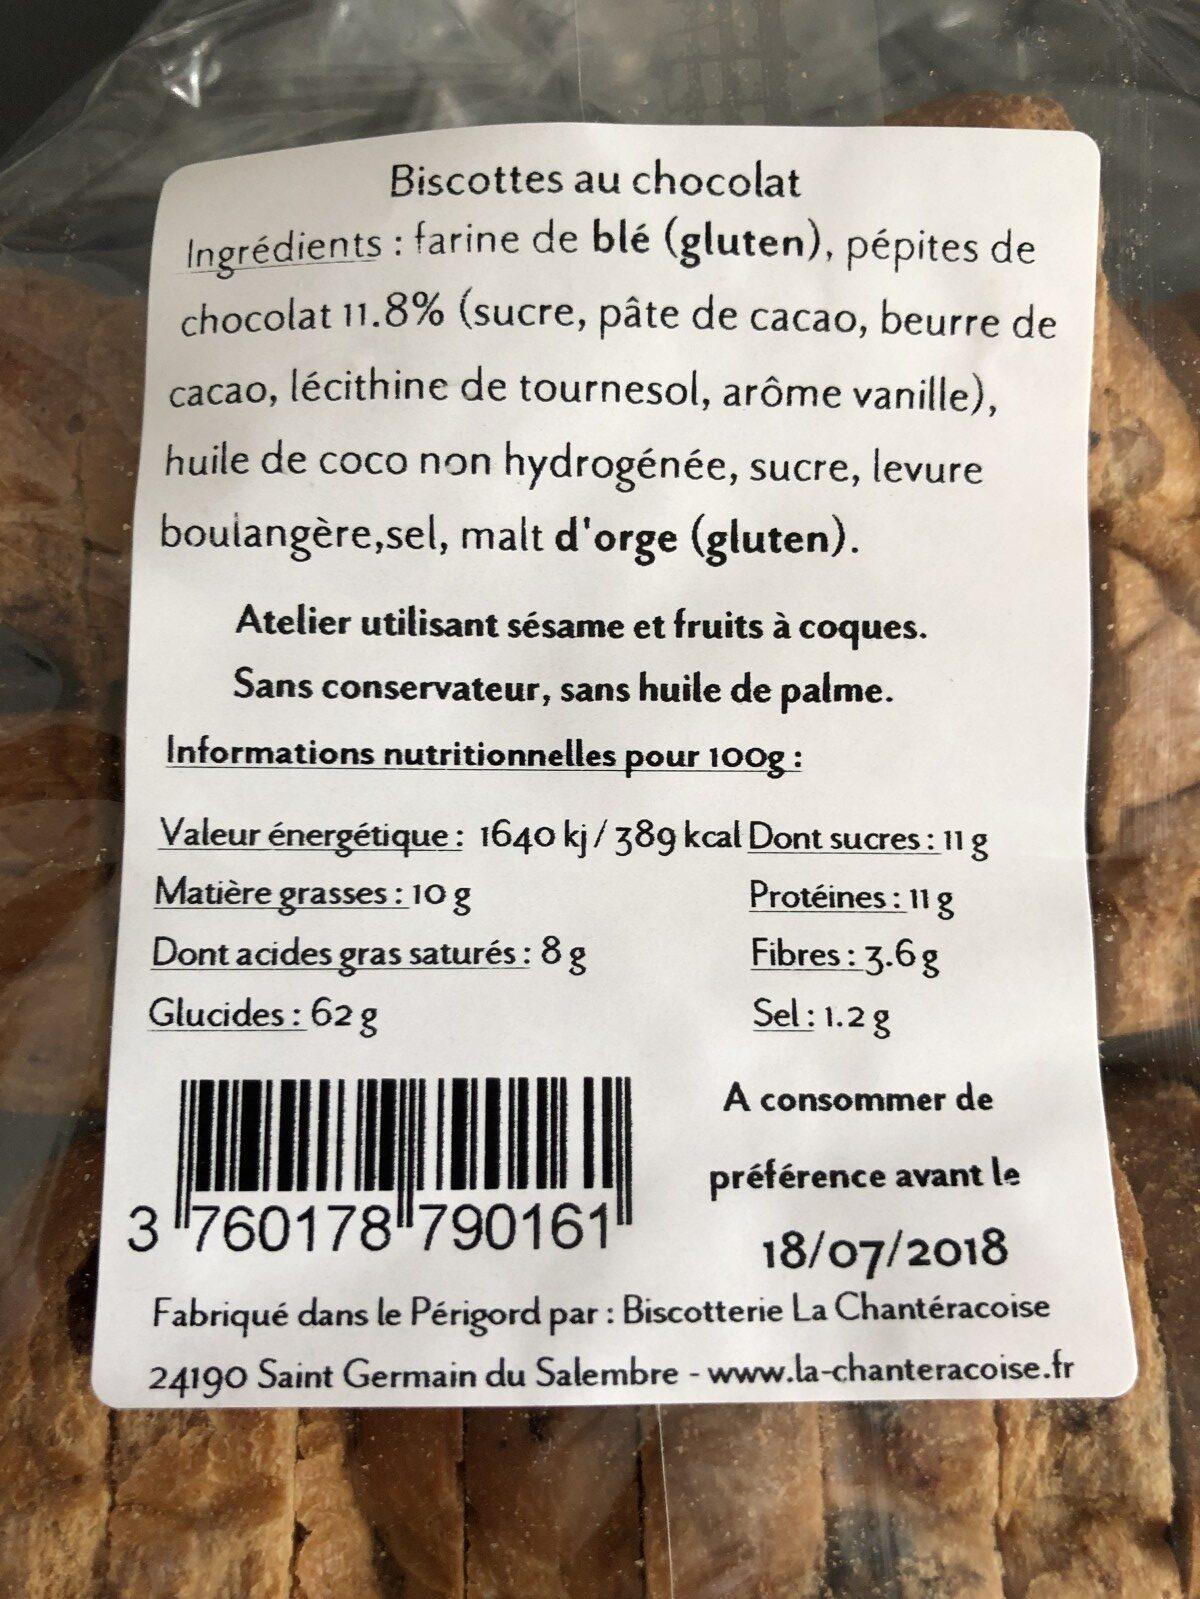 Biscottes au Chocolat - Ingrédients